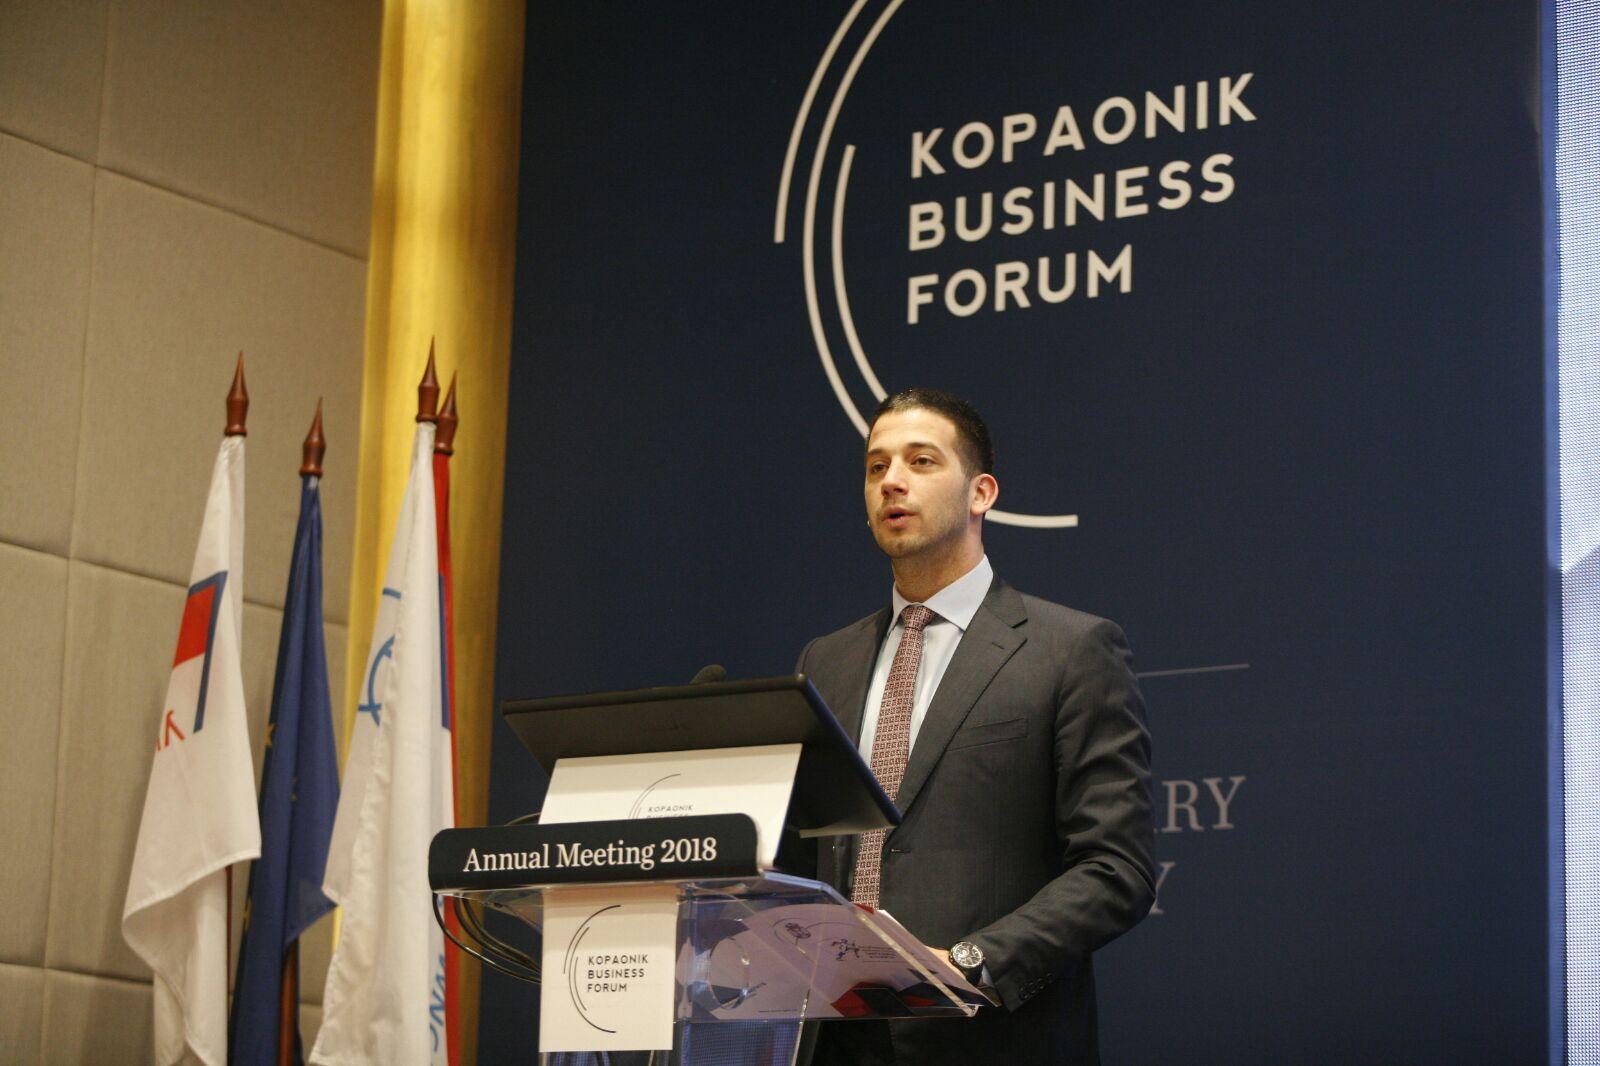 Obraćanje ministra Udovičića na 25. Kopaonik biznis forumu